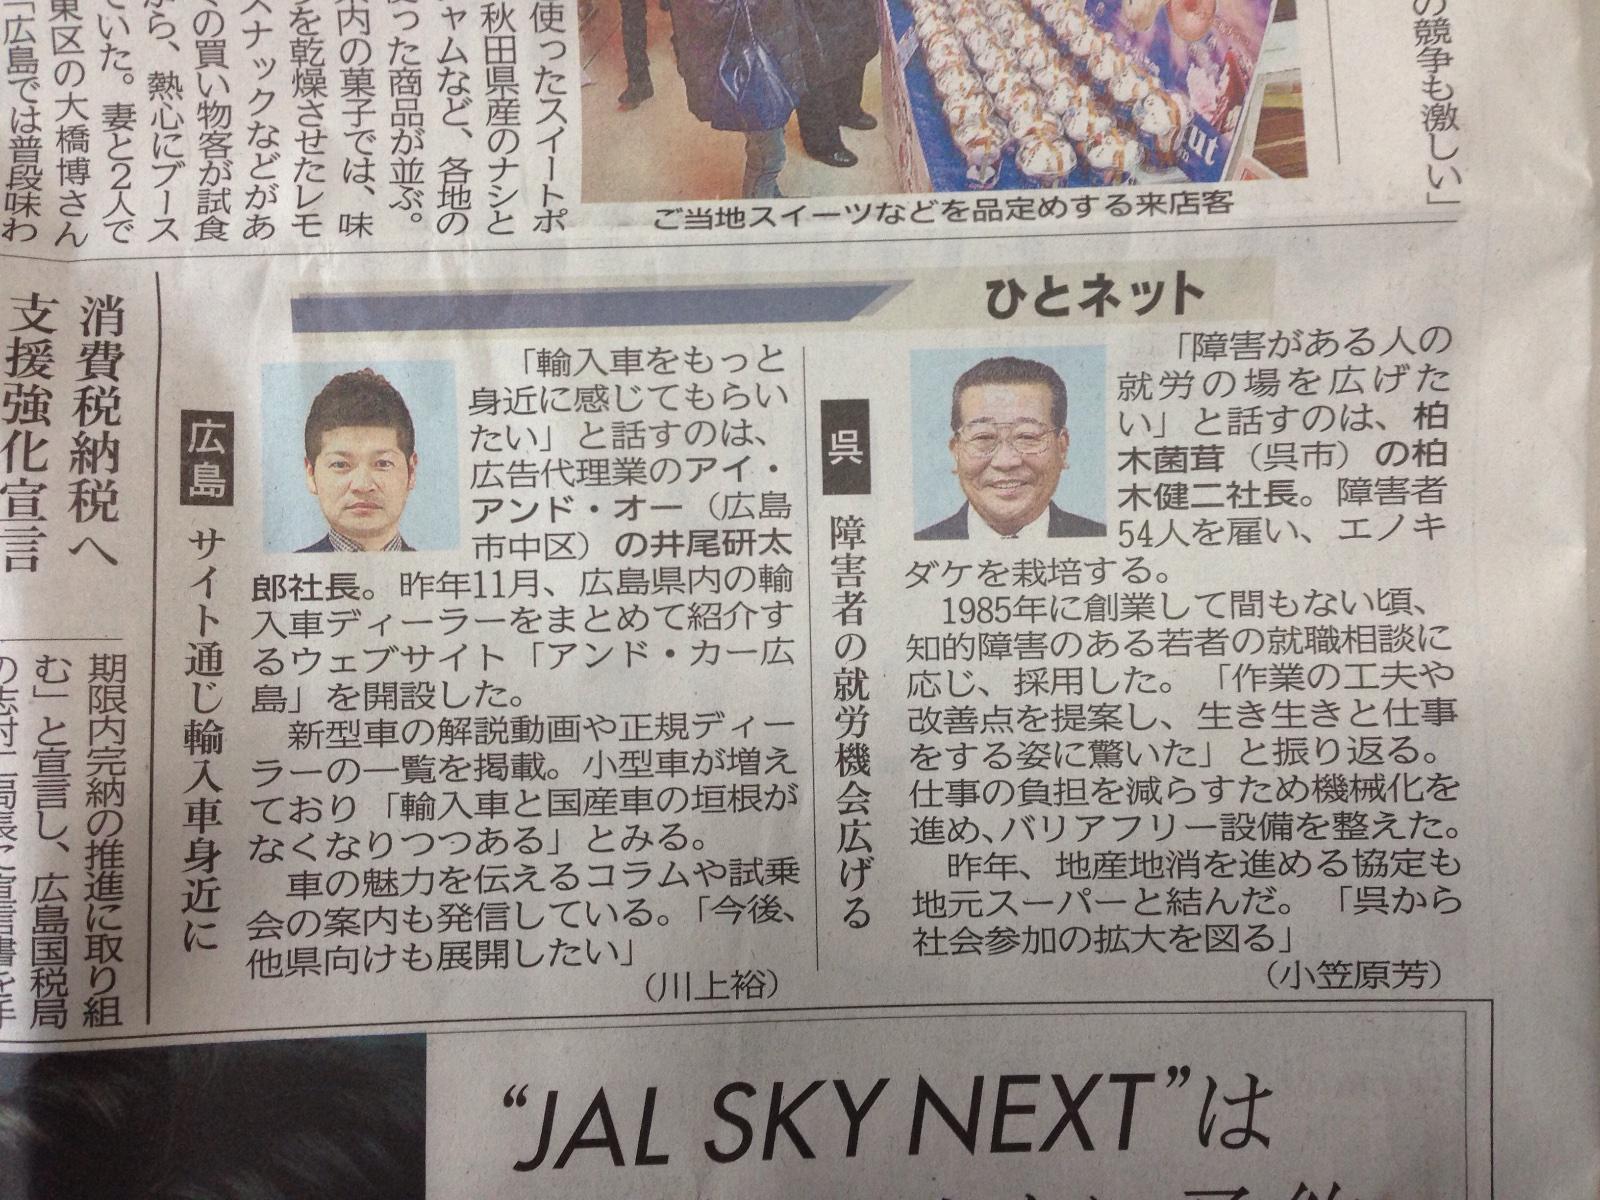 中国新聞でAnd CAR 広島を紹介いただきました。